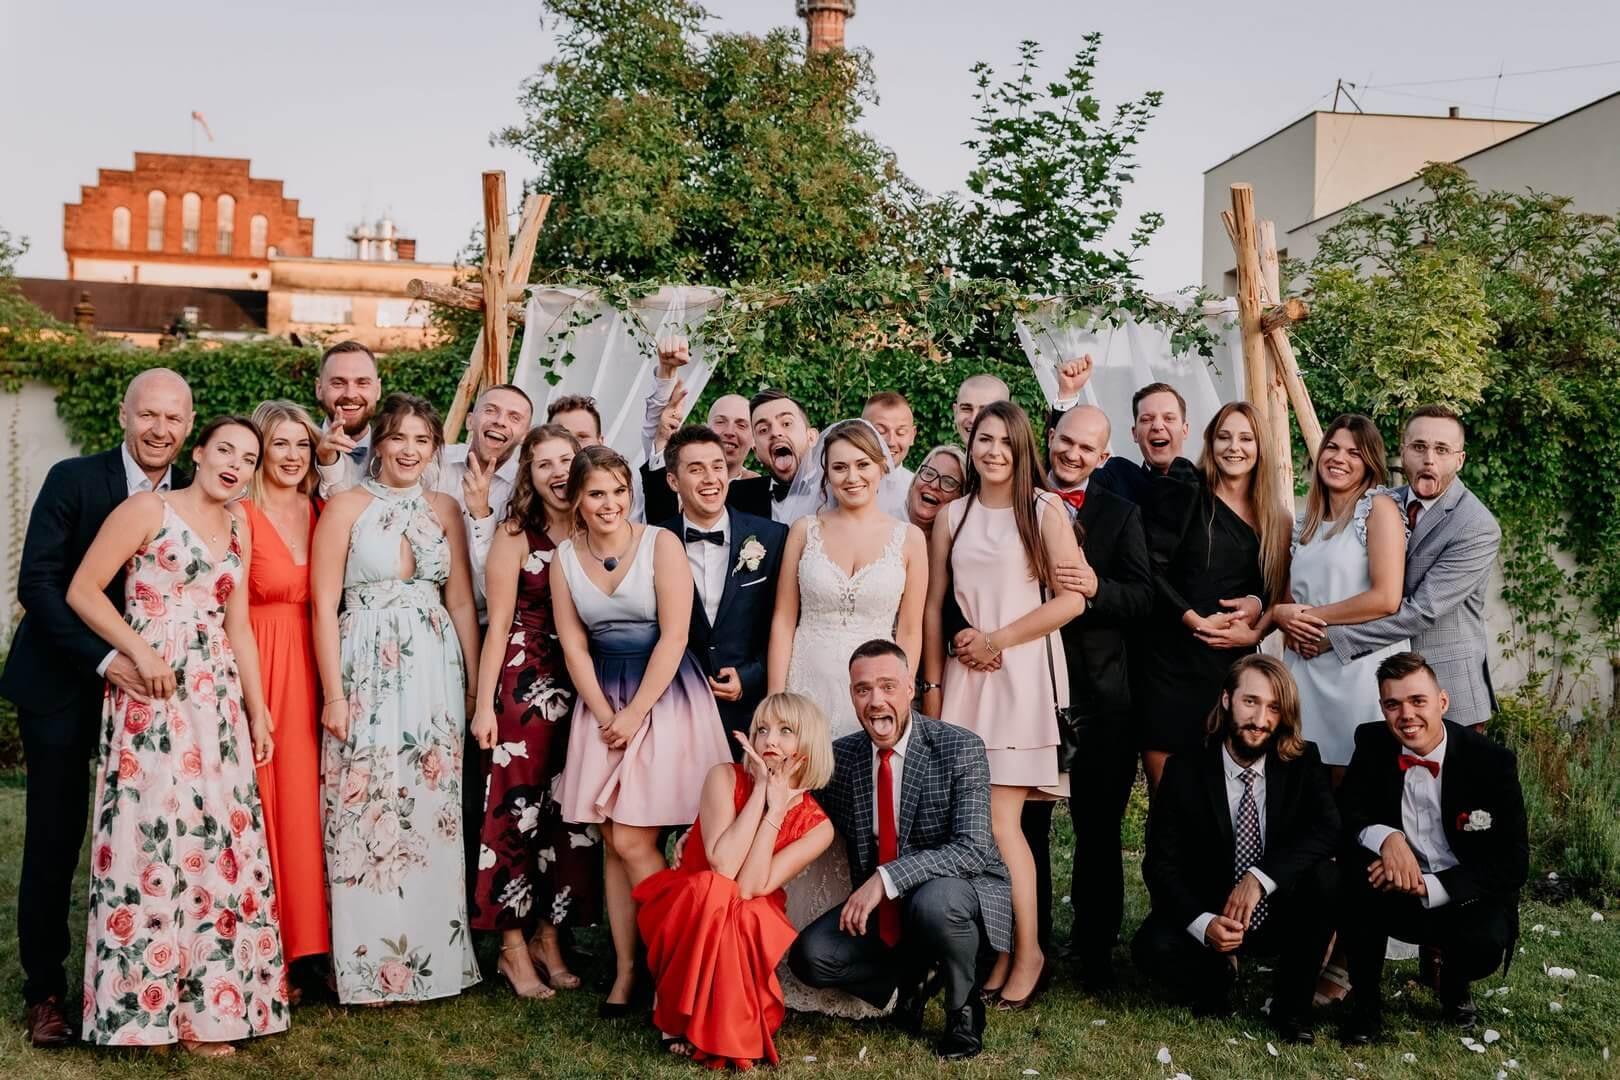 Zdjęcia grupowe na weselu. fotograf Szpakowicz Aleksander Gdańsk, Trójmiasto - szpakowicz-studio.pl 12